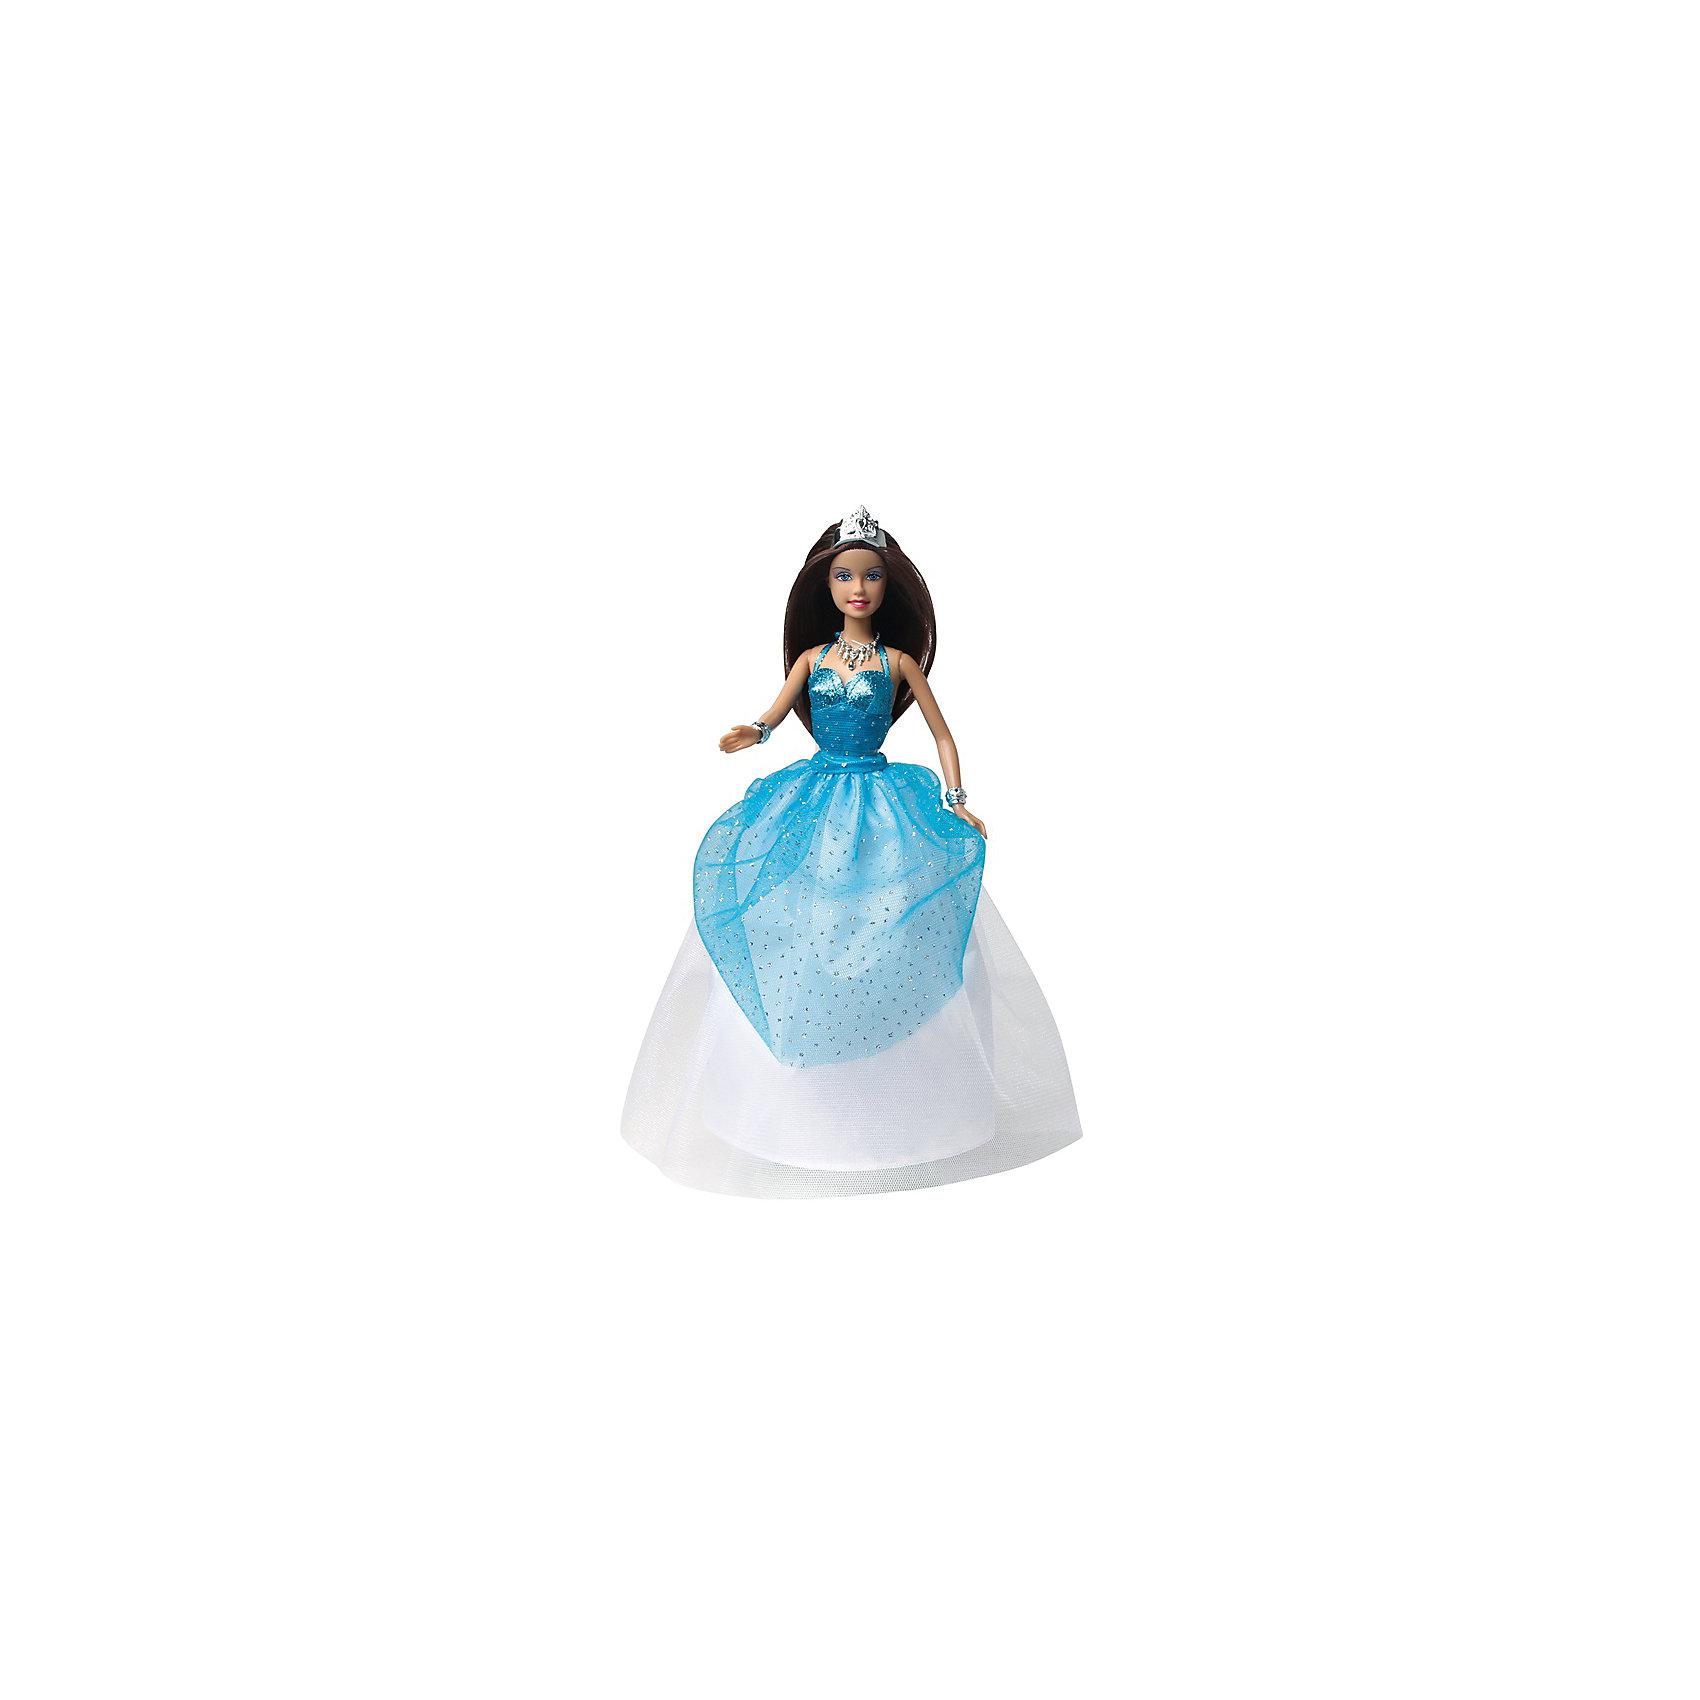 Кукла Царица, 27 см, Defa LucyКуклы-модели<br>Характеристики товара:<br><br>• возраст от 3 лет;<br>• материал: пластик, текстиль;<br>• в комплекте: кукла, расческа;<br>• высота куклы 27 см;<br>• размер упаковки 32х21х6 см;<br>• вес упаковки 358 гр.;<br>• страна производитель: Китай.<br><br>Кукла «Царица» Defa Lucy выглядит как самая настоящая принцесса, которая отправляется на королевский бал. Она одета в голубое переливающееся платье, а голову украшает корона. Для такого важного мероприятия надо создать кукле самый неповторимый образ и сделать ей красивую прическу. У куклы мягкие густые волосы, которые можно украшать, заплетать и расчесывать.<br><br>Куклу «Царица» Defa Lucy можно приобрести в нашем интернет-магазине.<br><br>Ширина мм: 210<br>Глубина мм: 60<br>Высота мм: 320<br>Вес г: 358<br>Возраст от месяцев: 36<br>Возраст до месяцев: 72<br>Пол: Женский<br>Возраст: Детский<br>SKU: 5581293